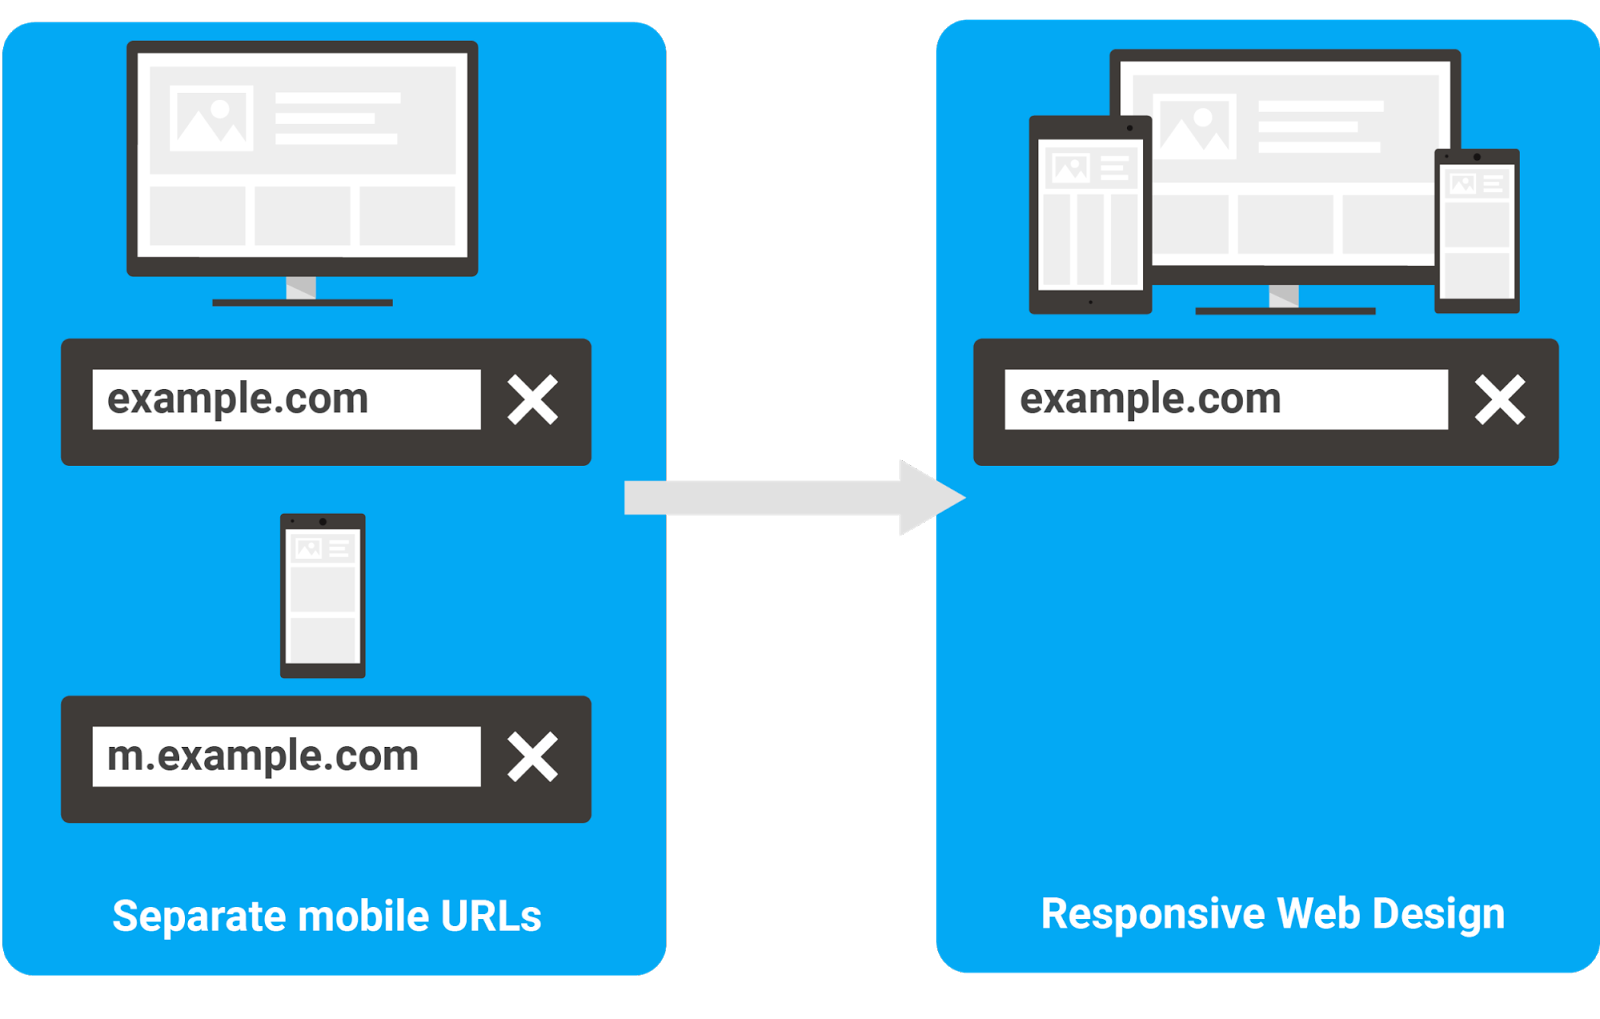 image2 Is jouw mobiele website wel zoekmachinevriendelijk?